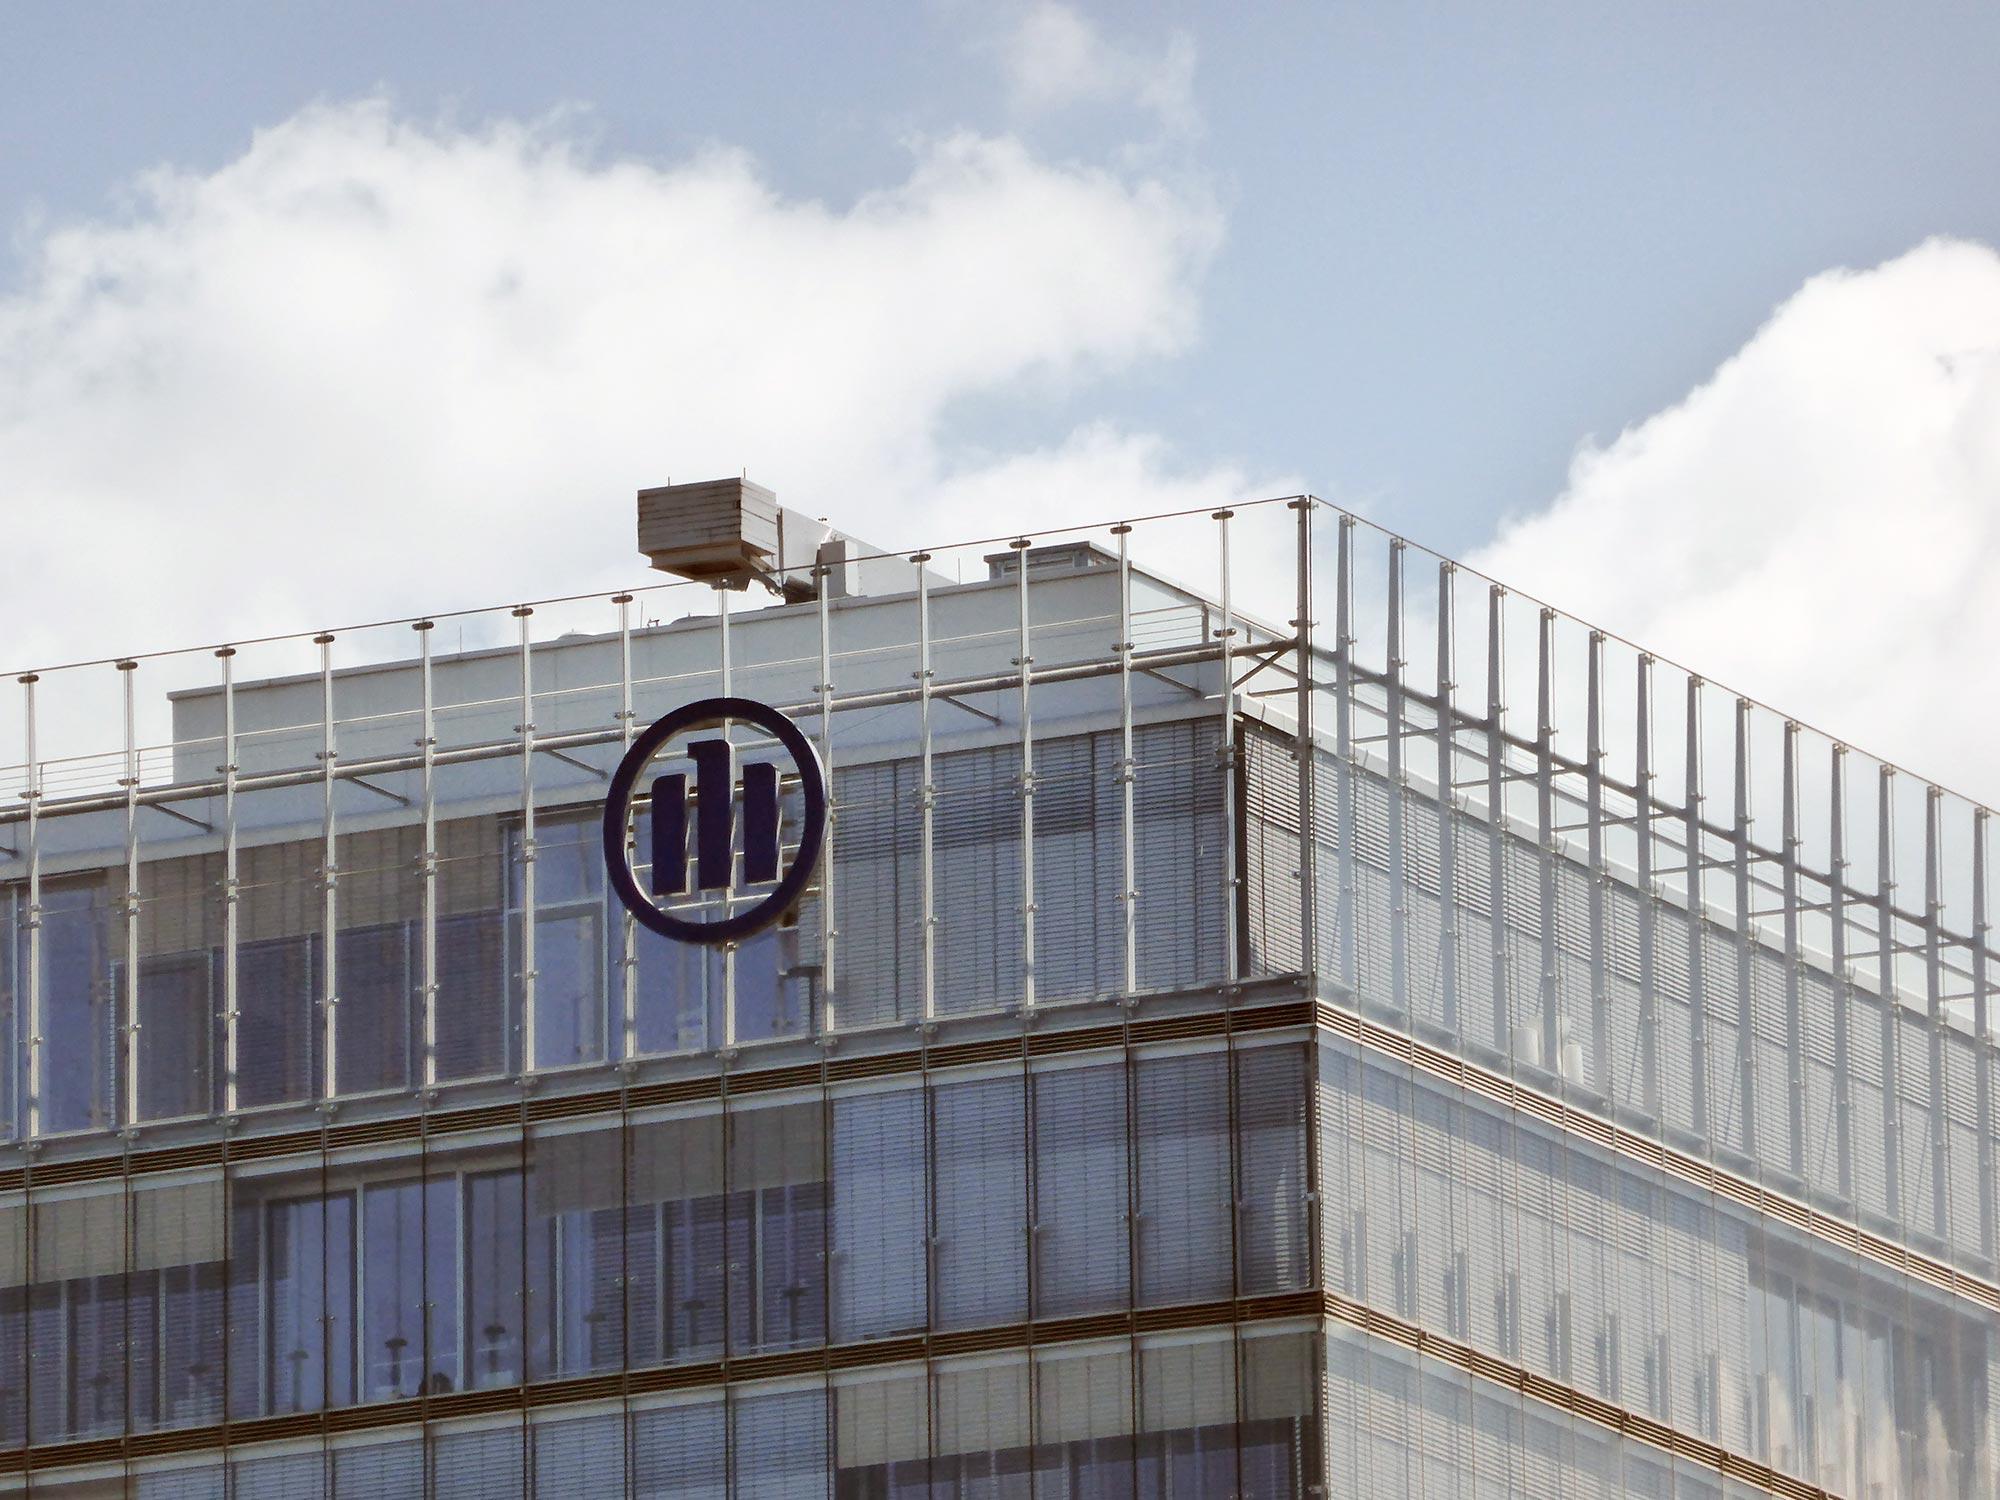 Allianz Logo am Hochhaus - Doppelfassade Hochhaus der Allianz - Allianz Kai